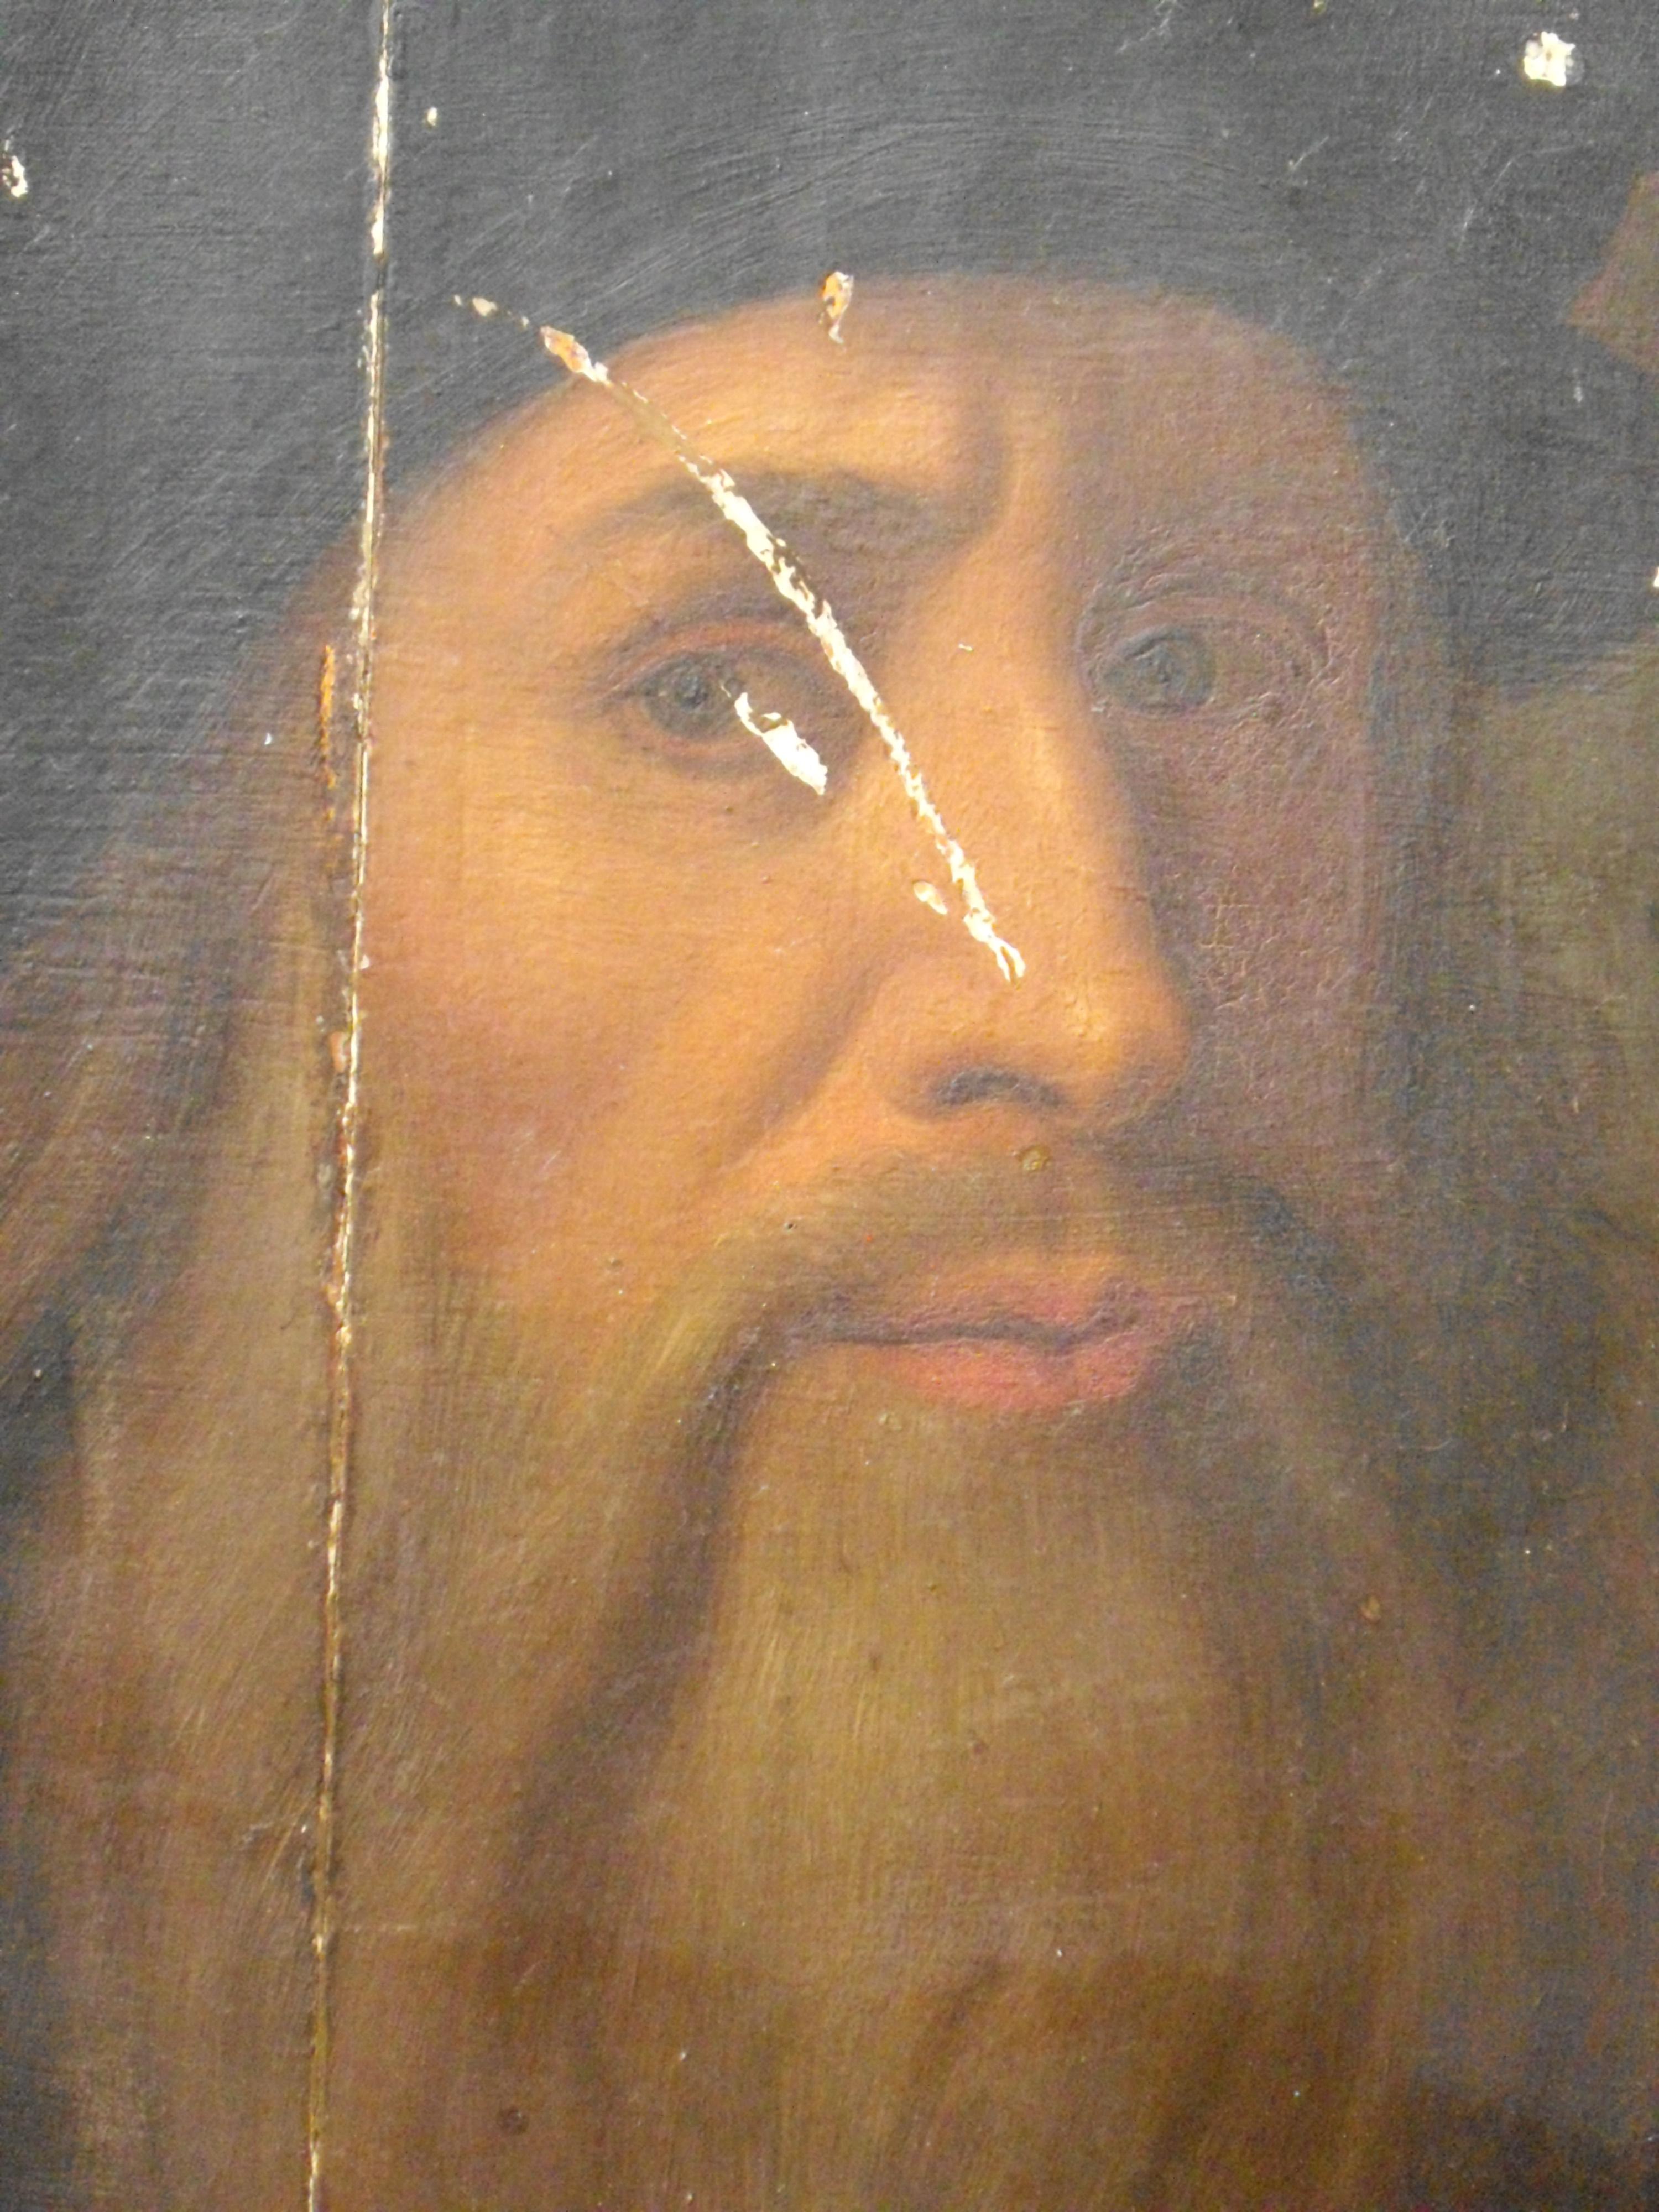 Description leonardo da vinci lucan self-portrait face